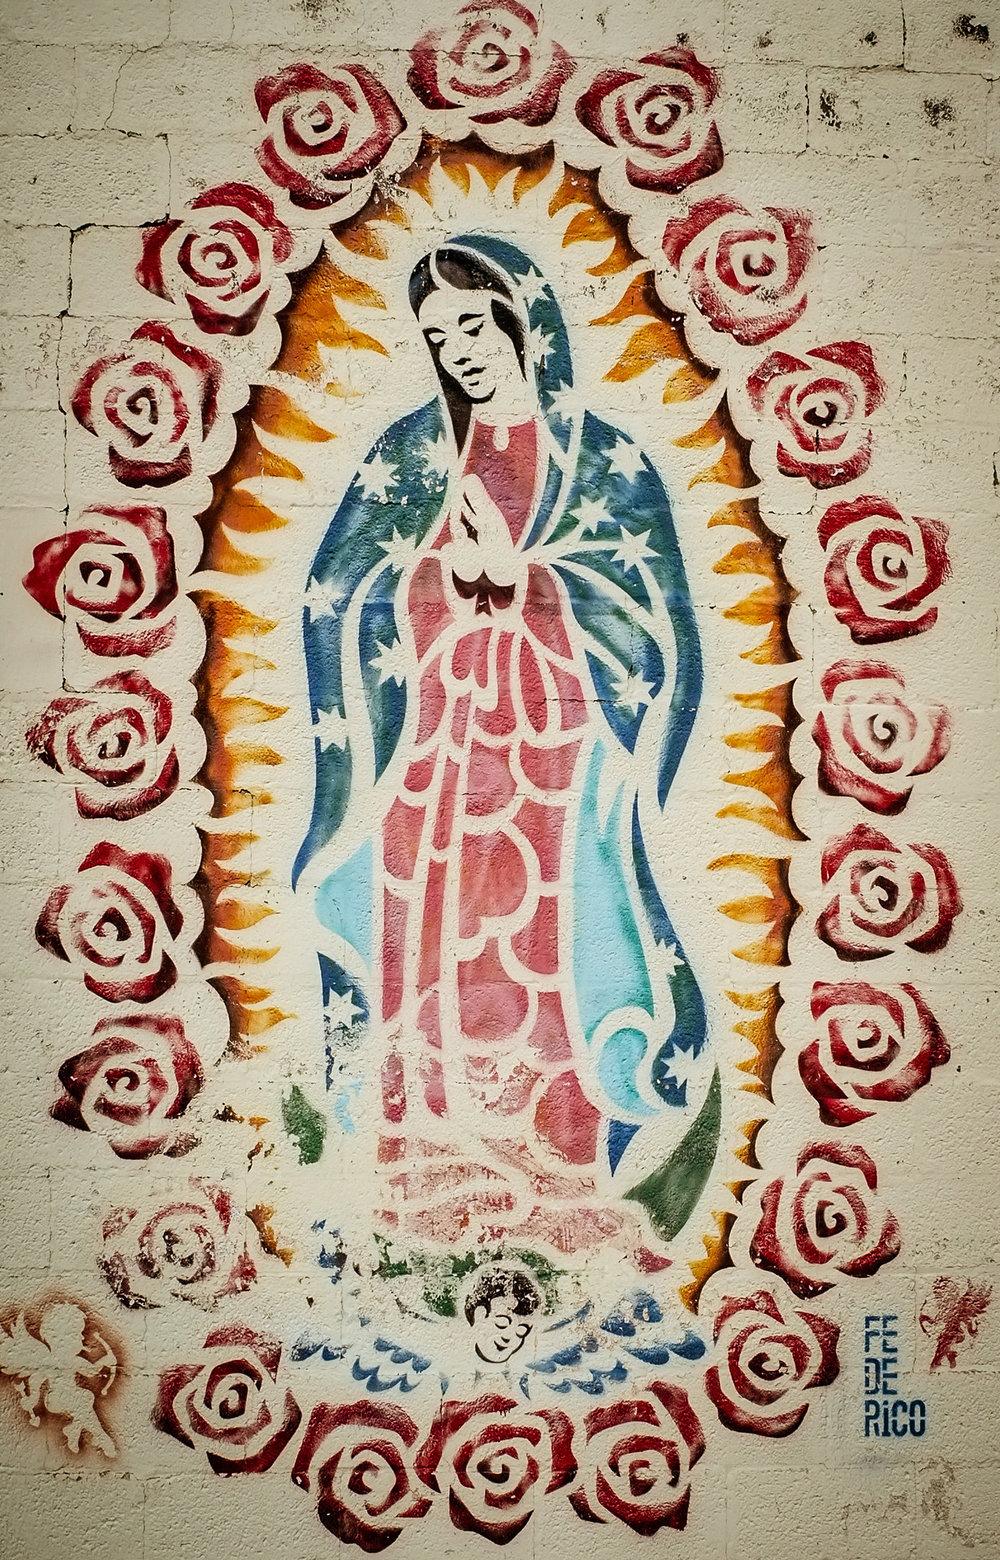 254 - Mary   #366project #fujix100